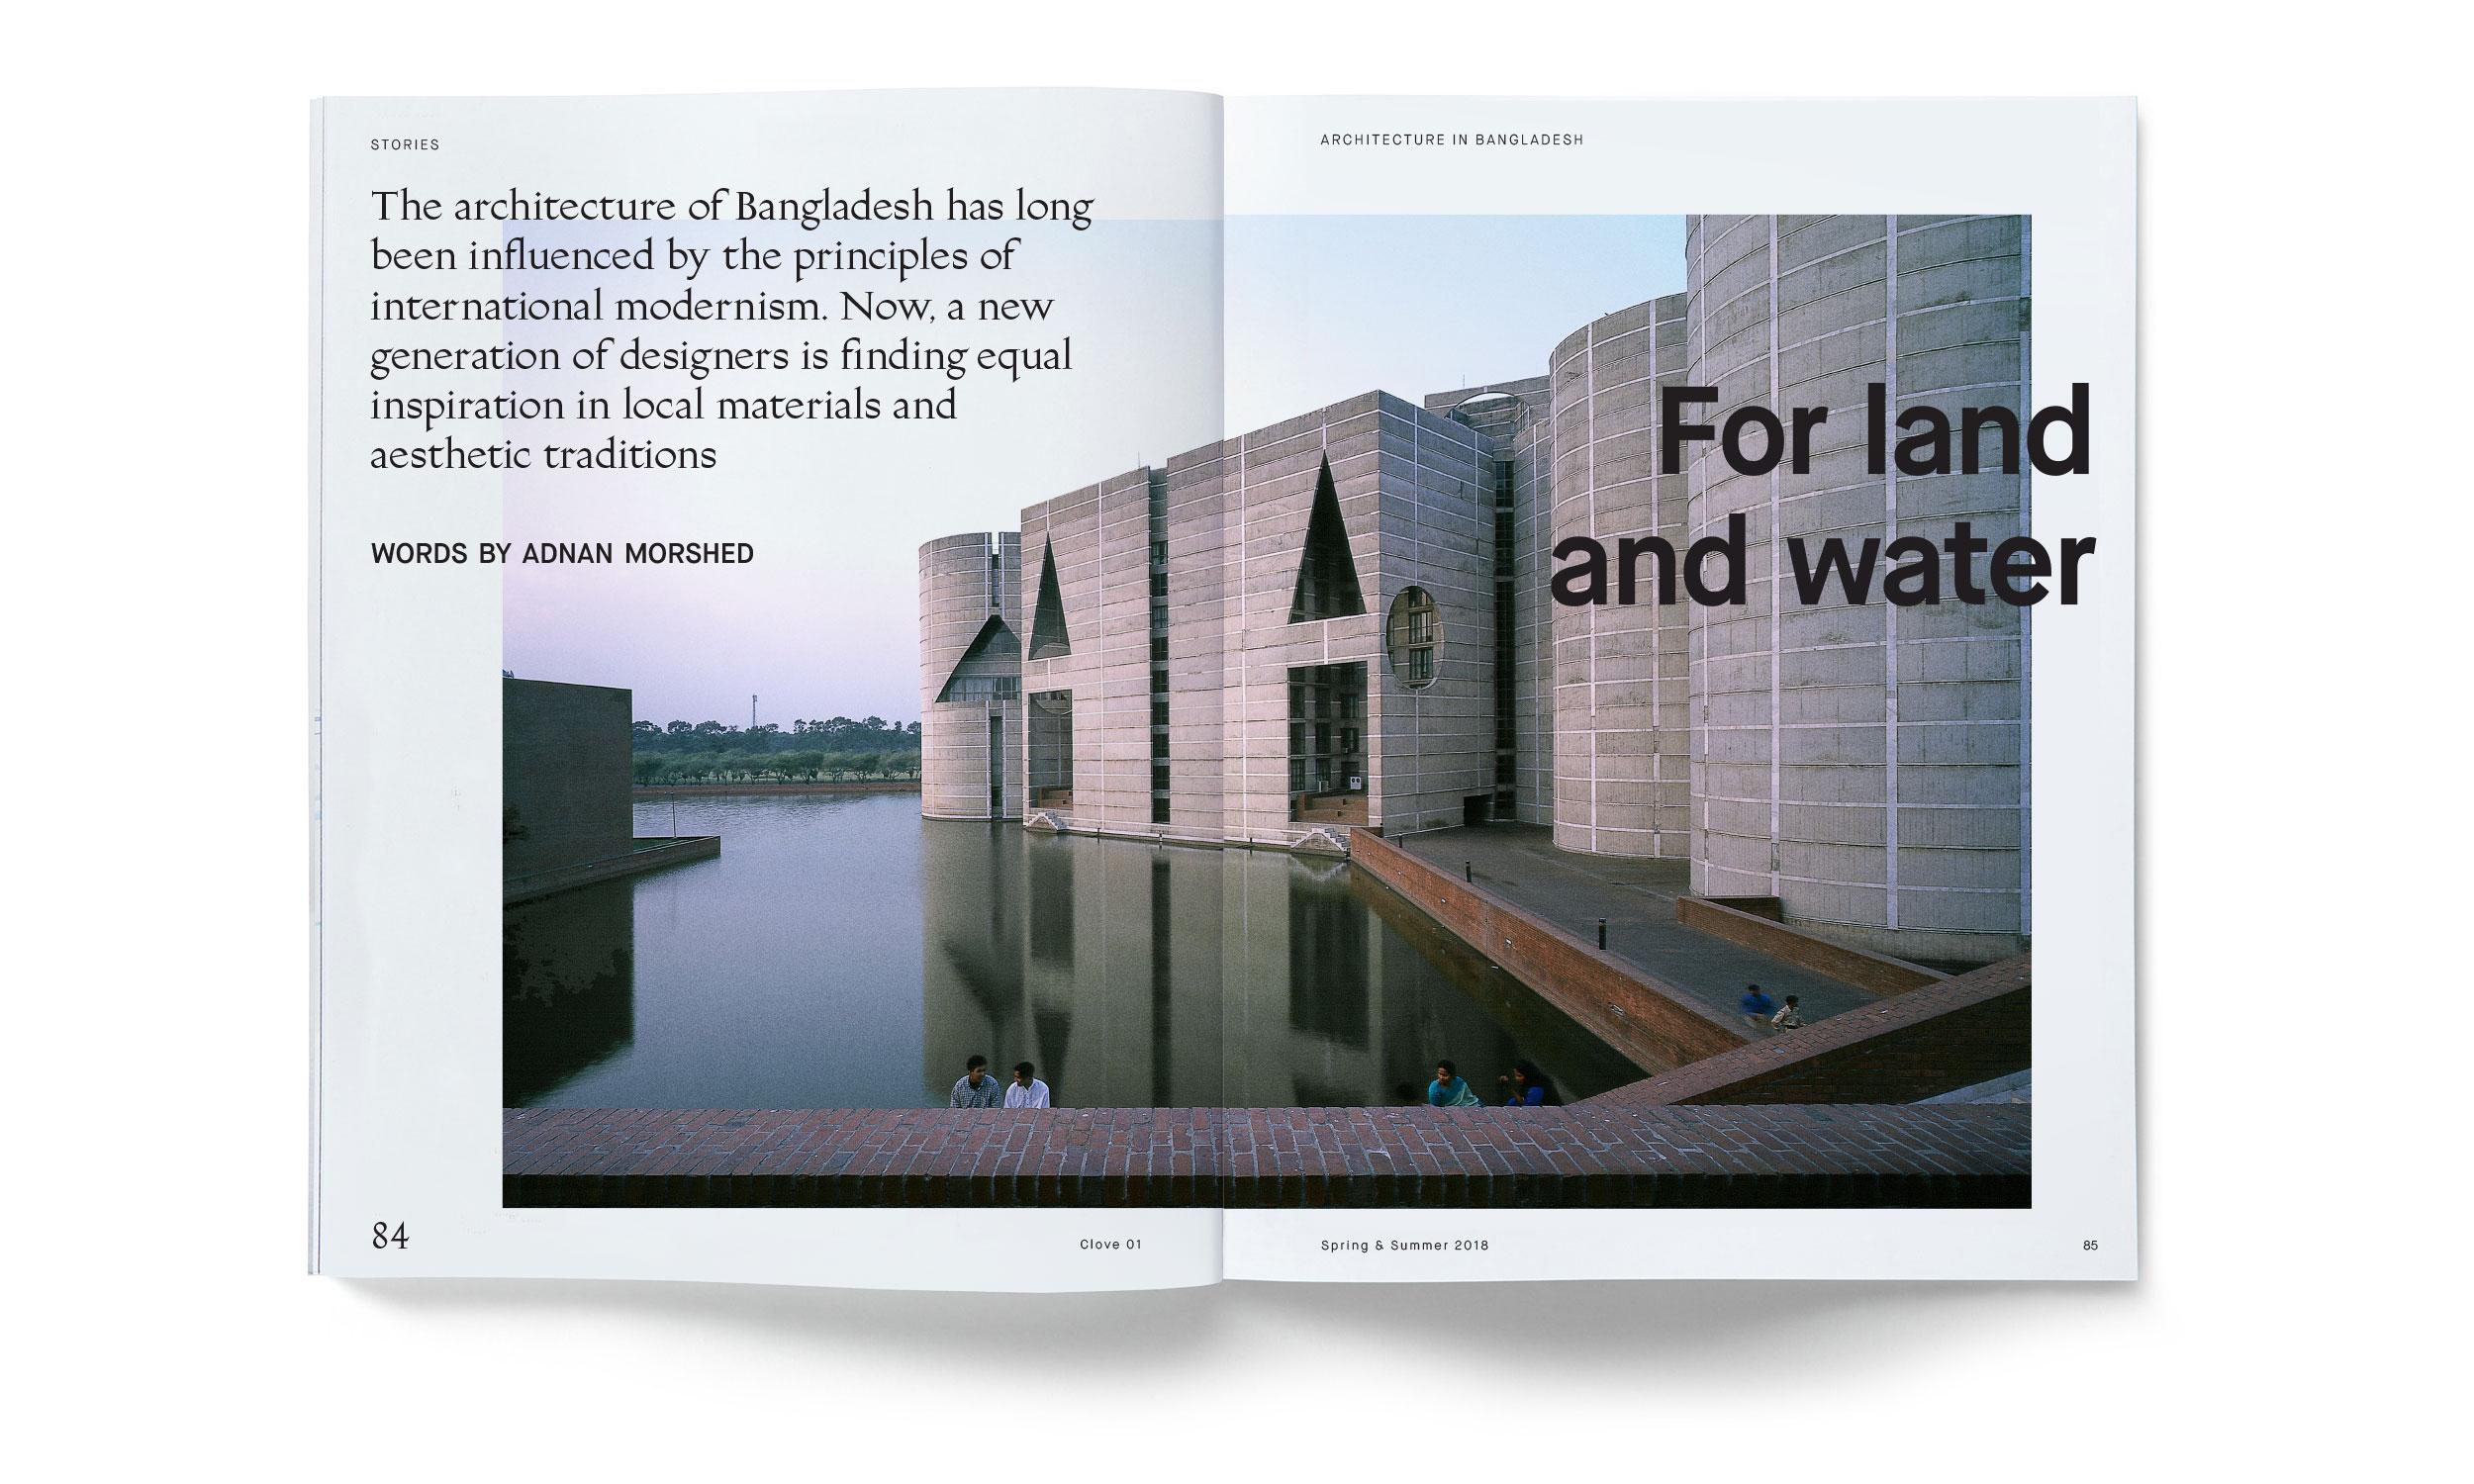 3 Bangadesh architecture.jpg